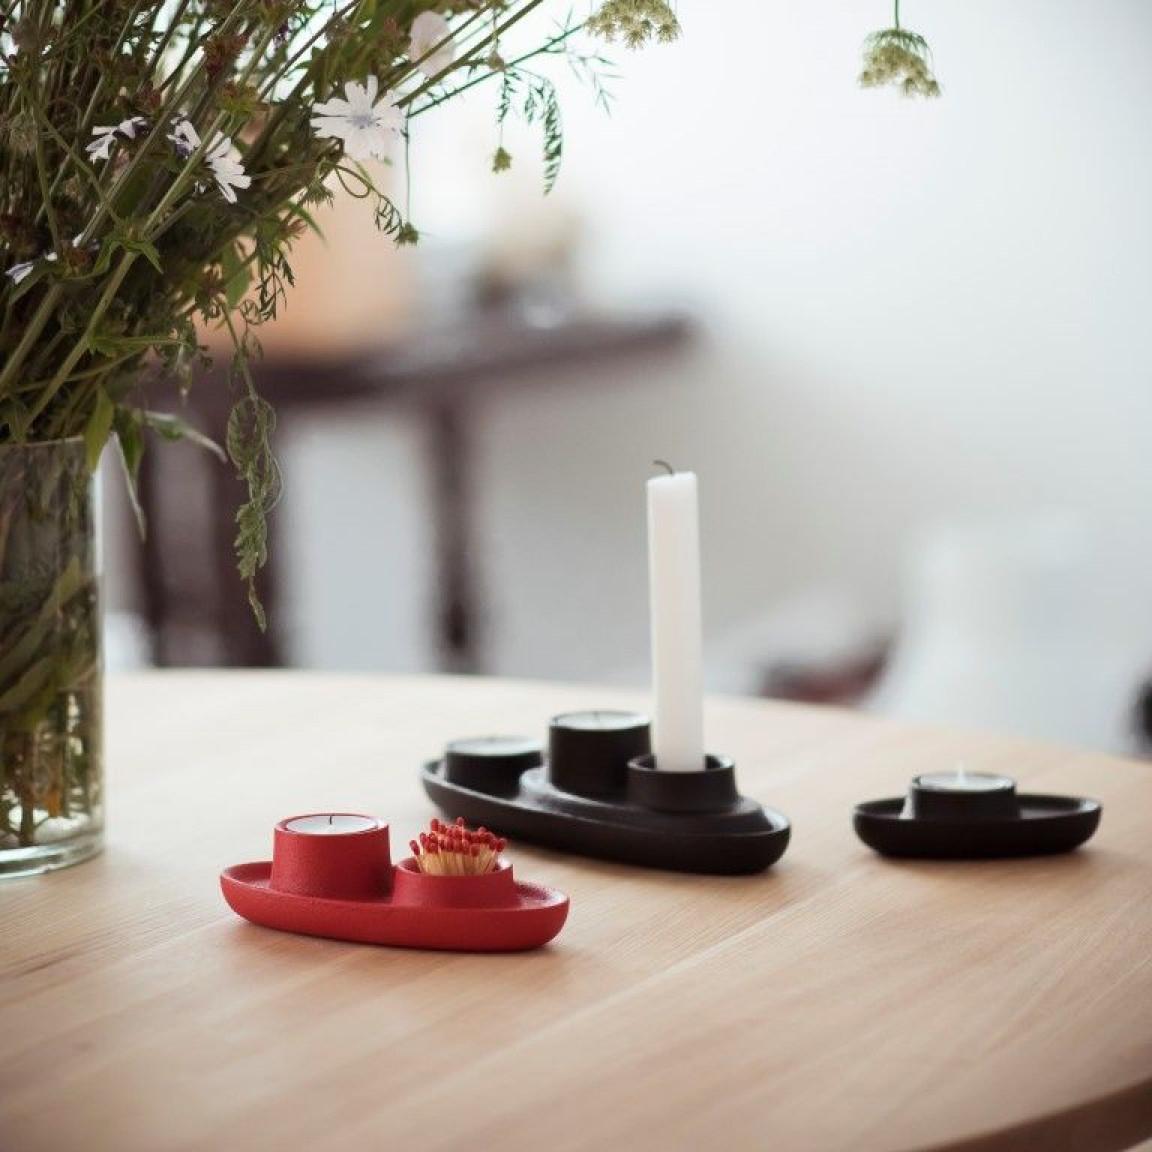 Kerzenhalter für 2 Kerzen | Marine